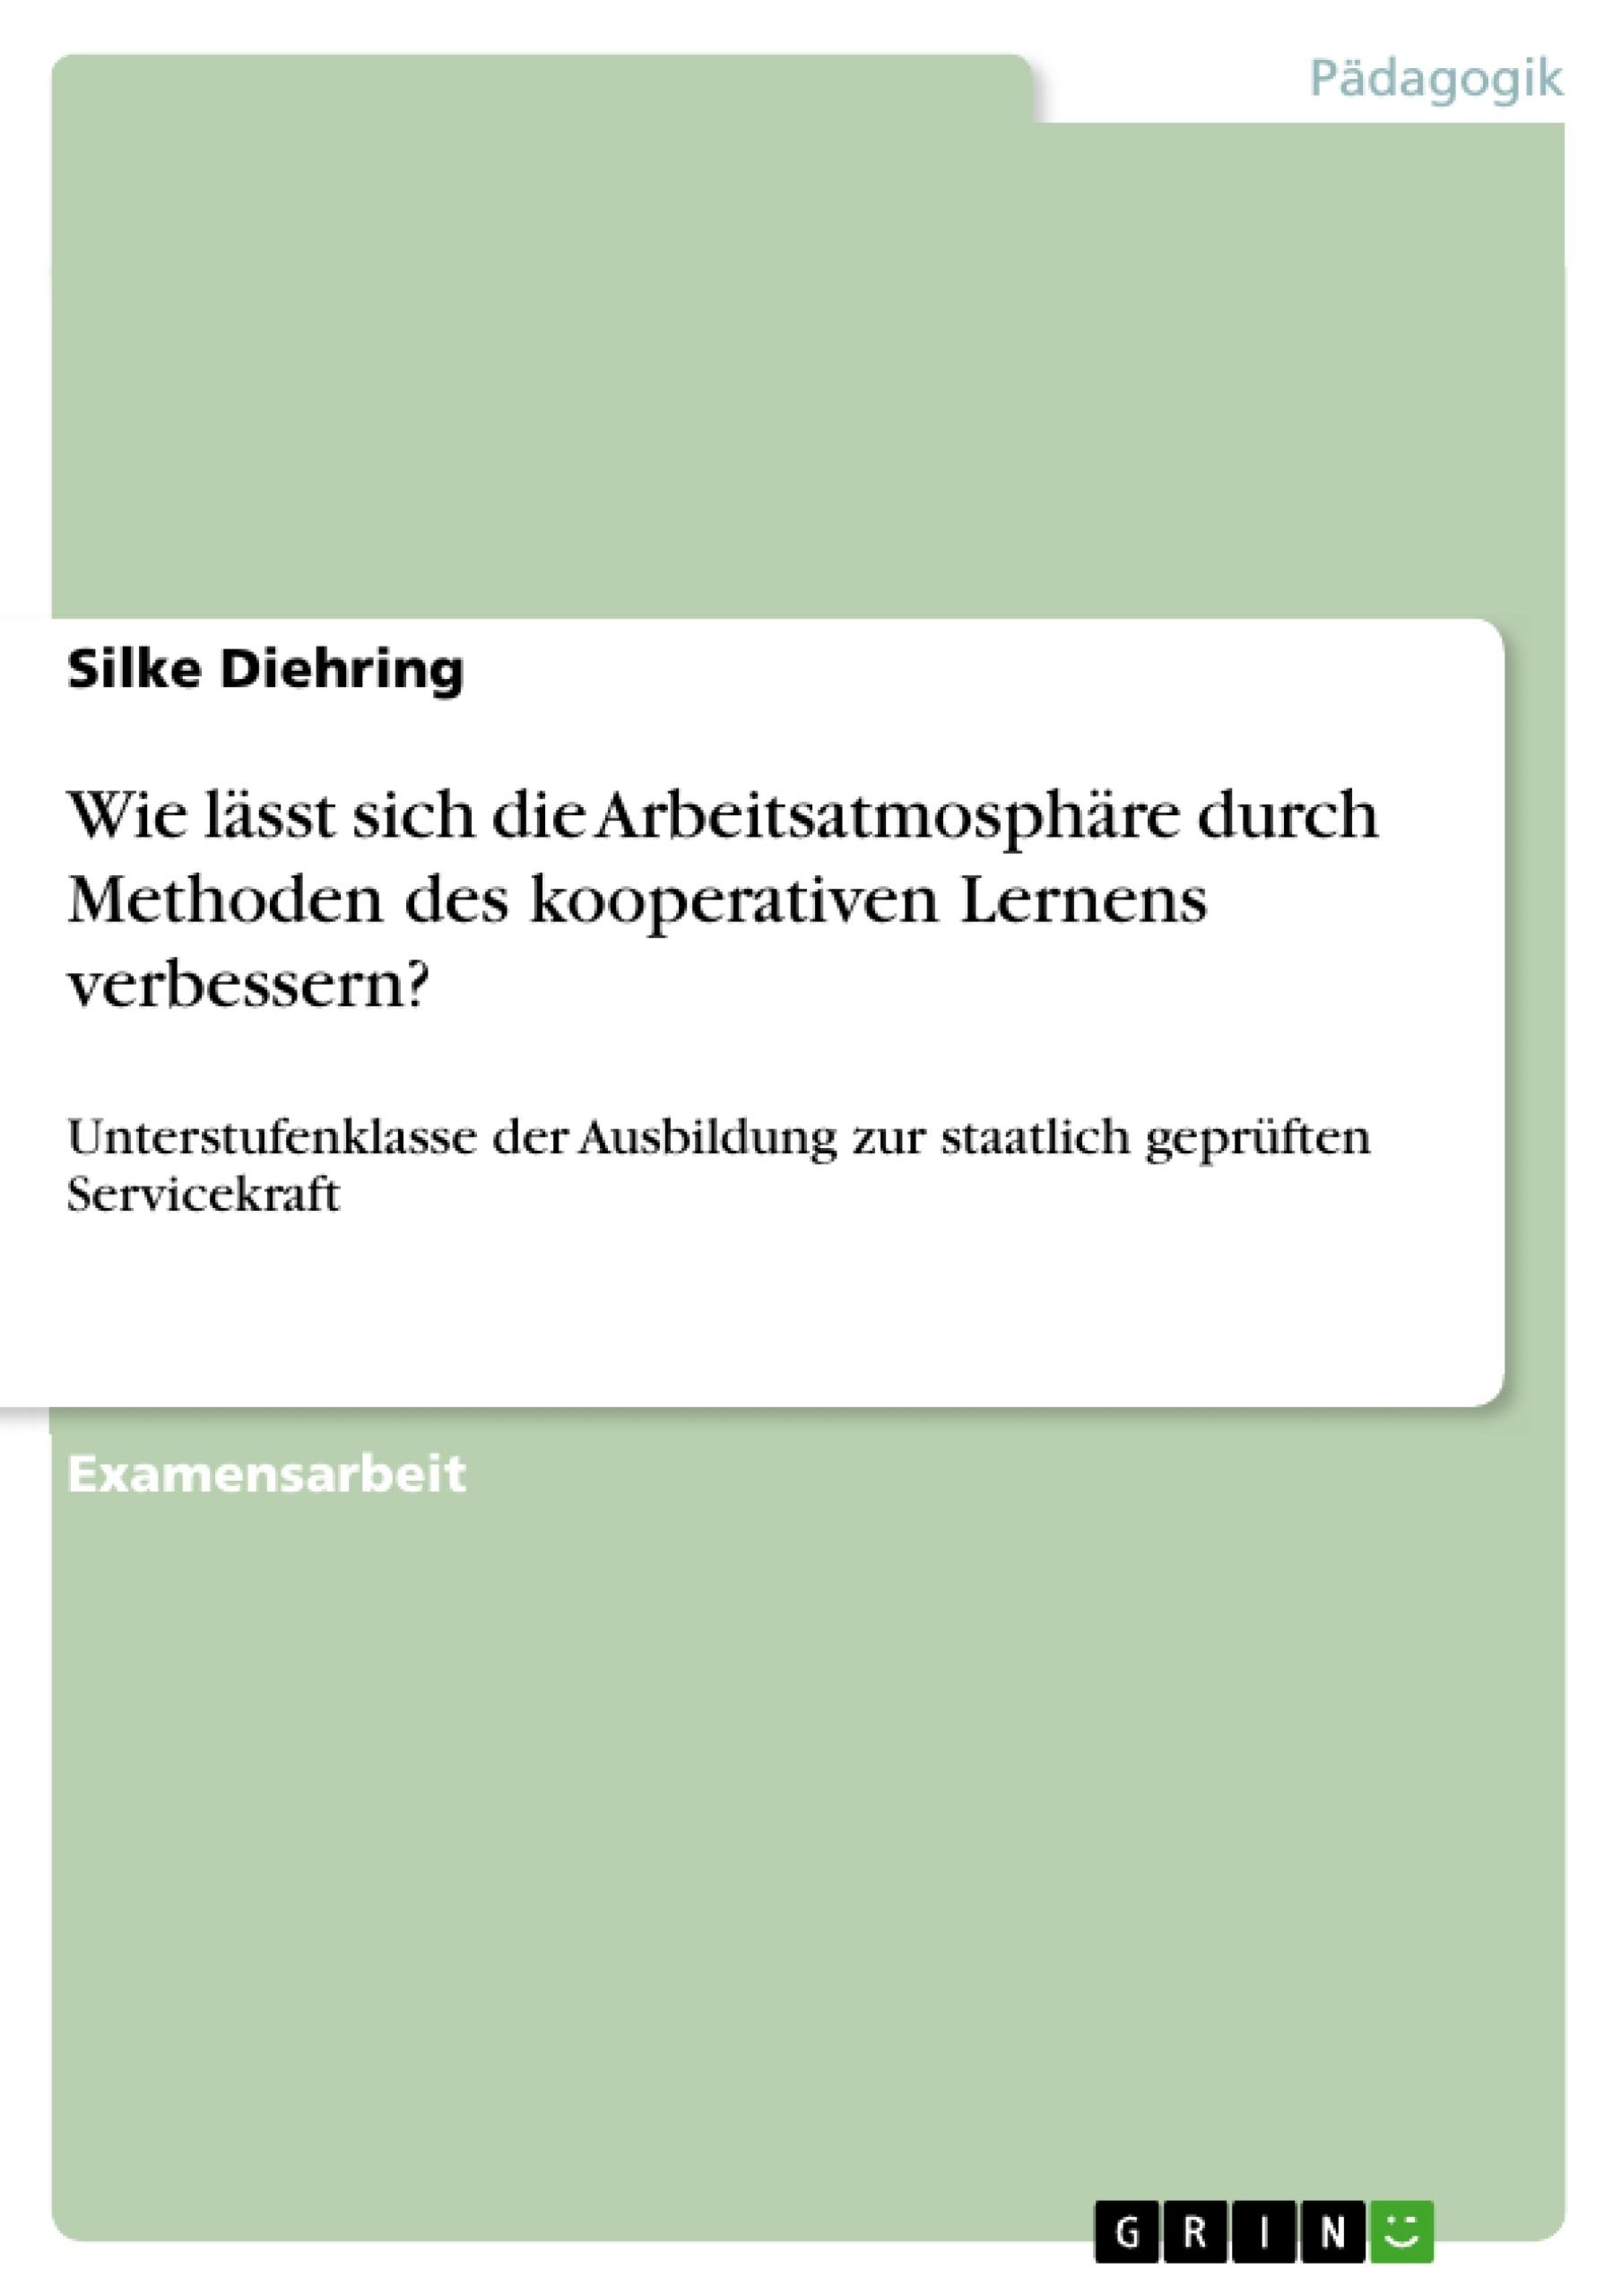 Titel: Wie lässt sich die Arbeitsatmosphäre durch Methoden des kooperativen Lernens verbessern?